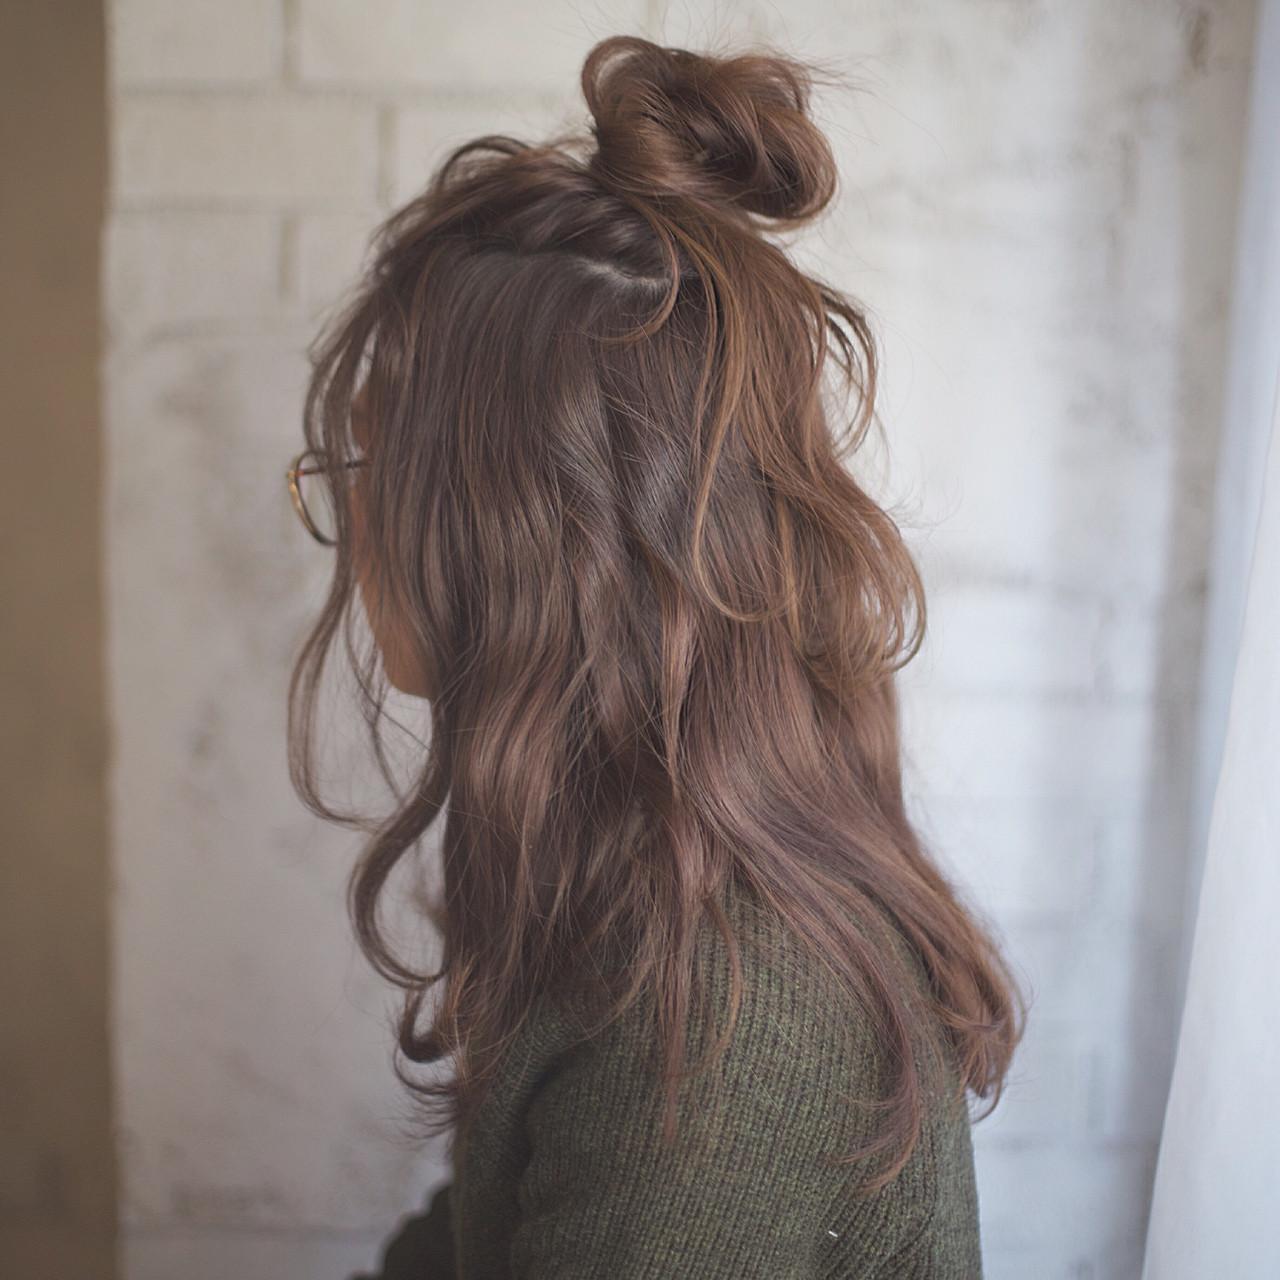 いつもと違う髪型を楽しみたい!簡単かわいいヘアアレンジをご紹介の4枚目の画像